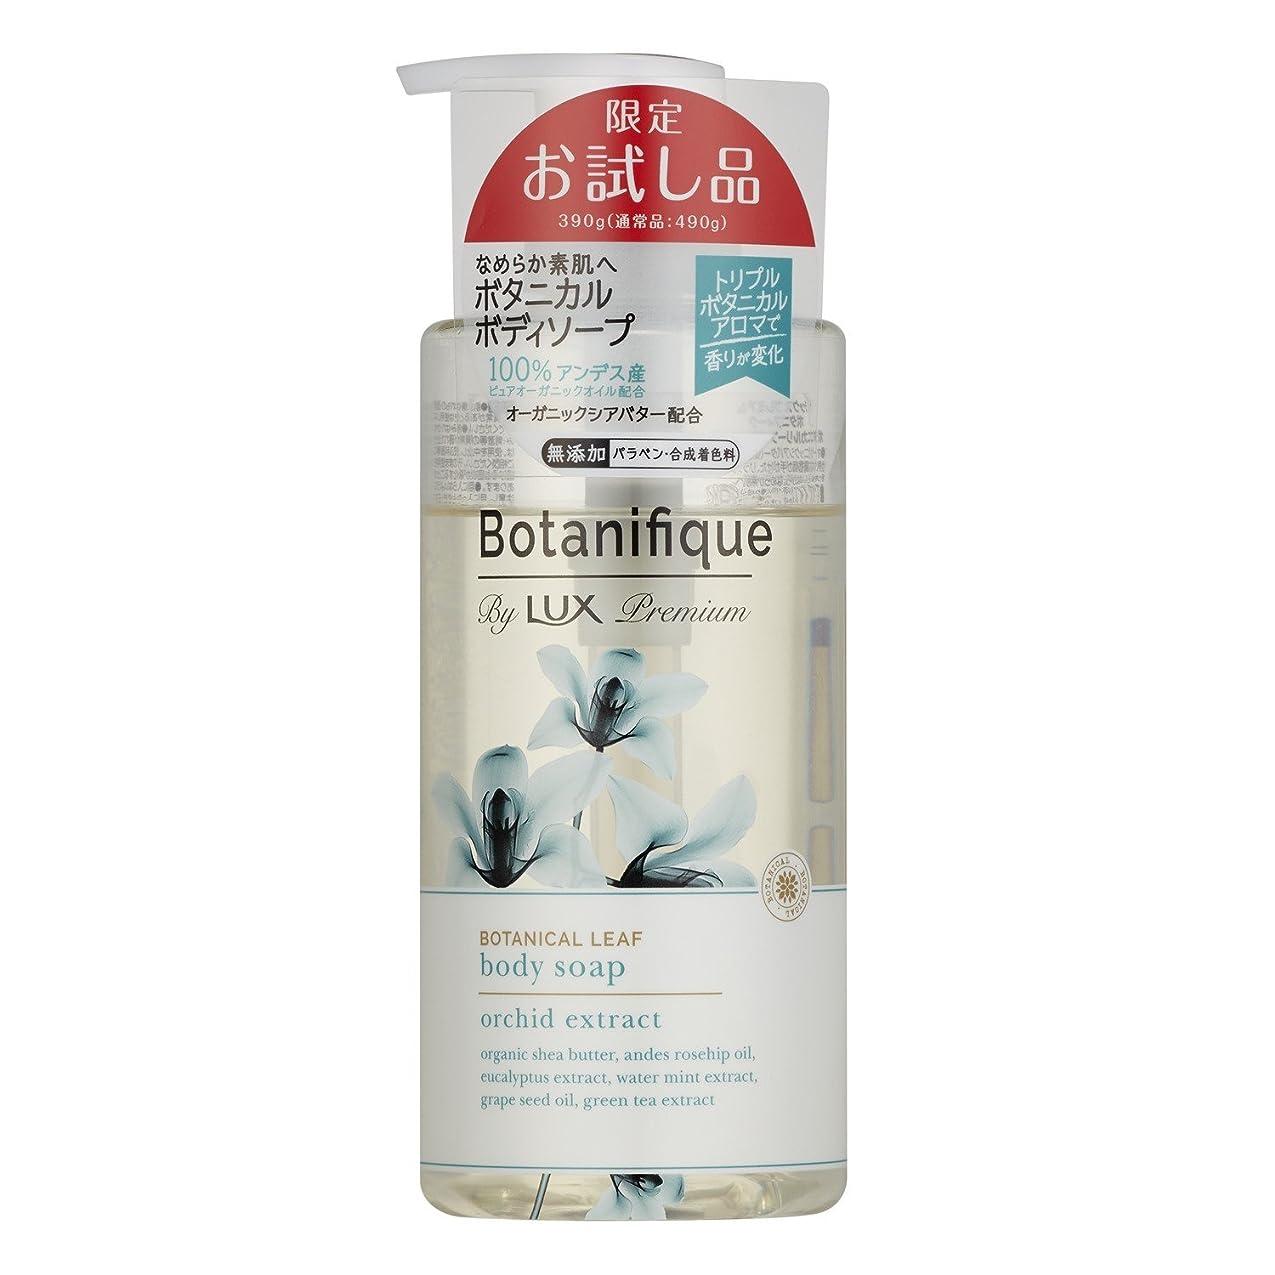 物理的に奇妙な目の前のラックス プレミアム ボタニフィーク ボタニカルリーフ ボディソープ ポンプ(ボタニカルリーフの香り) お試し品 390g